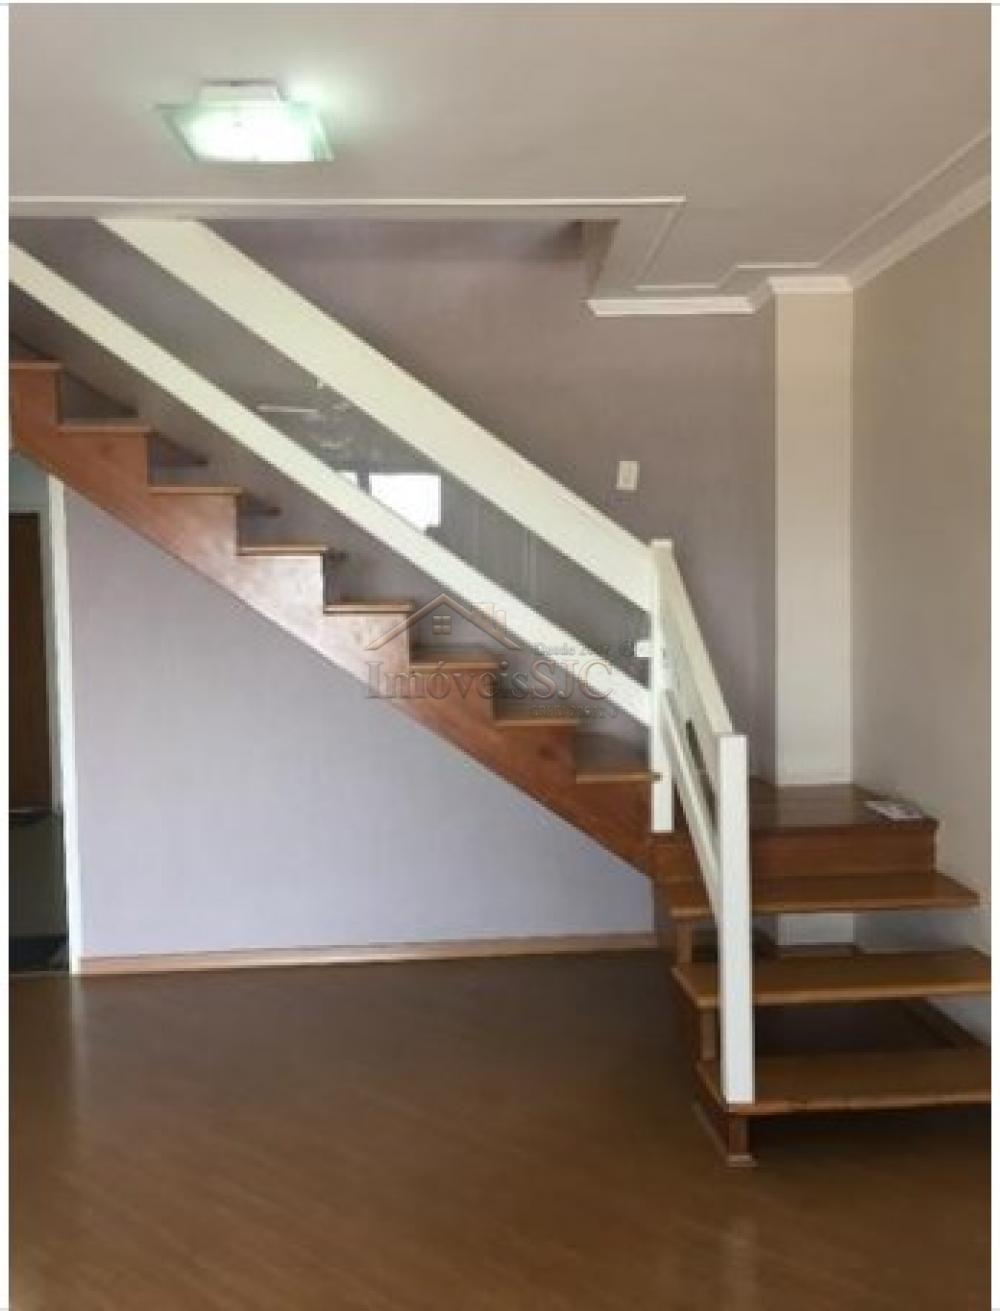 Alugar Apartamentos / Cobertura em São José dos Campos apenas R$ 1.700,00 - Foto 3